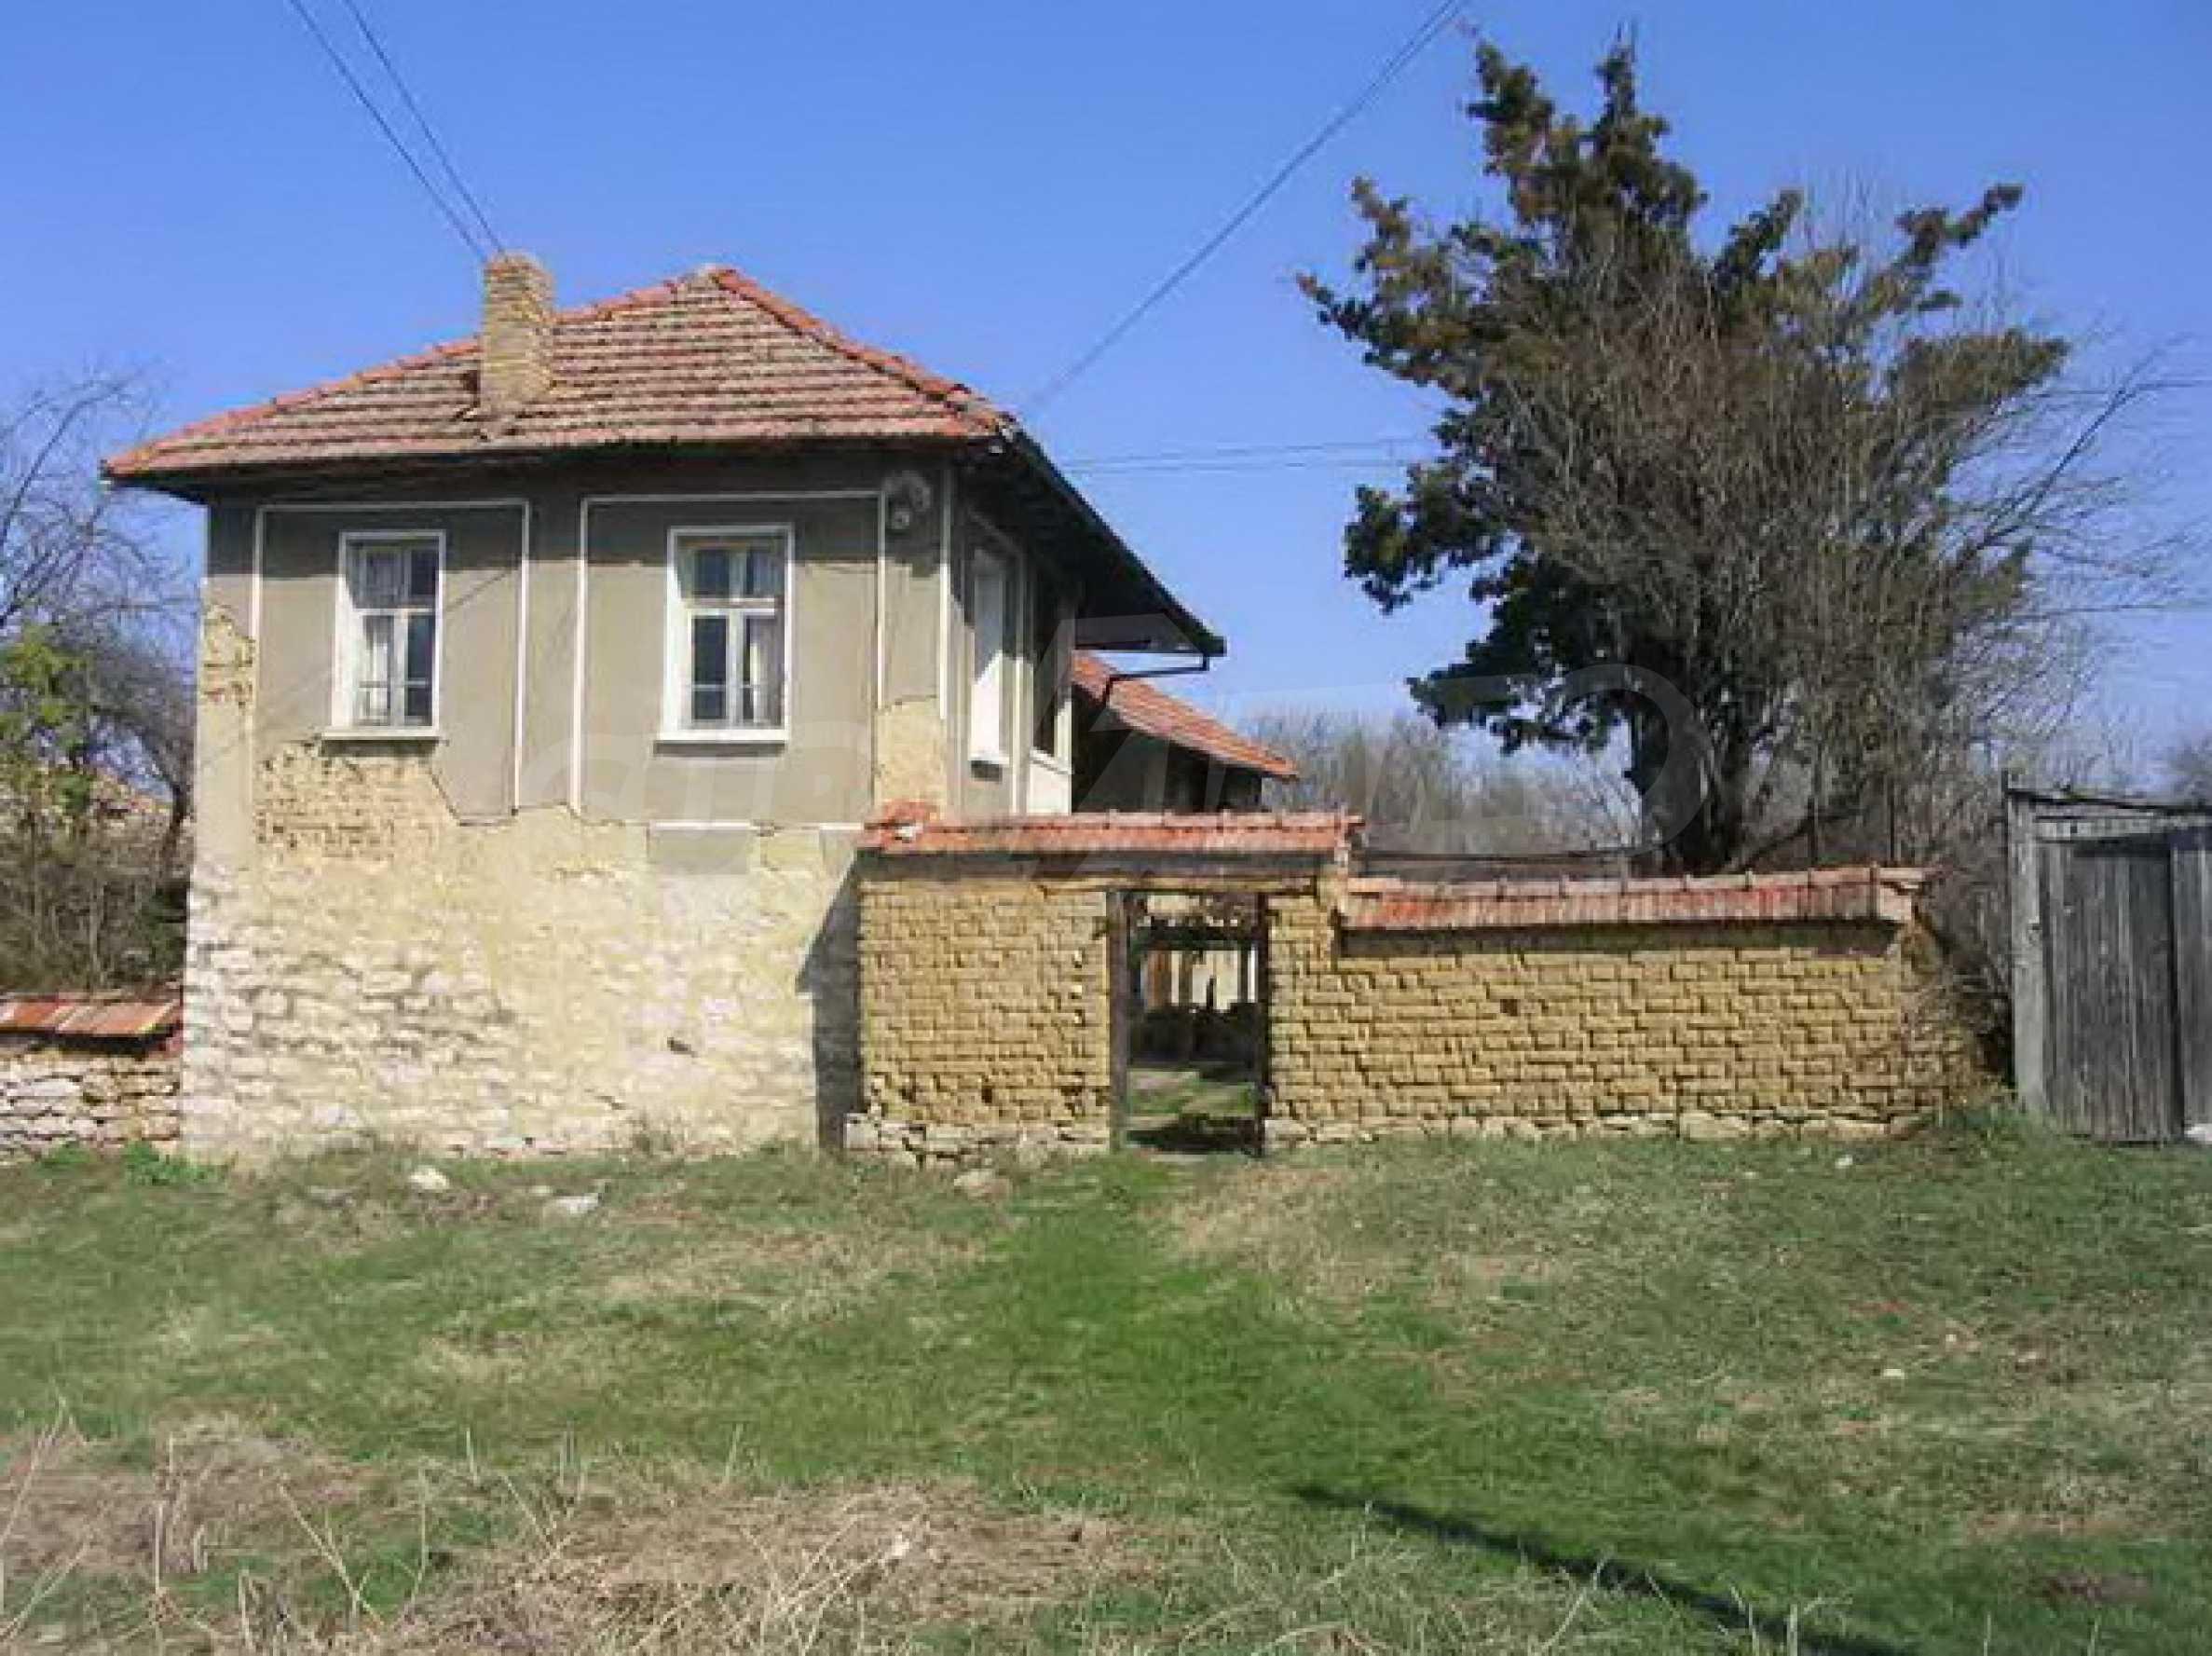 Двуетажна къща само на 25 км. от град Велико Търново 1